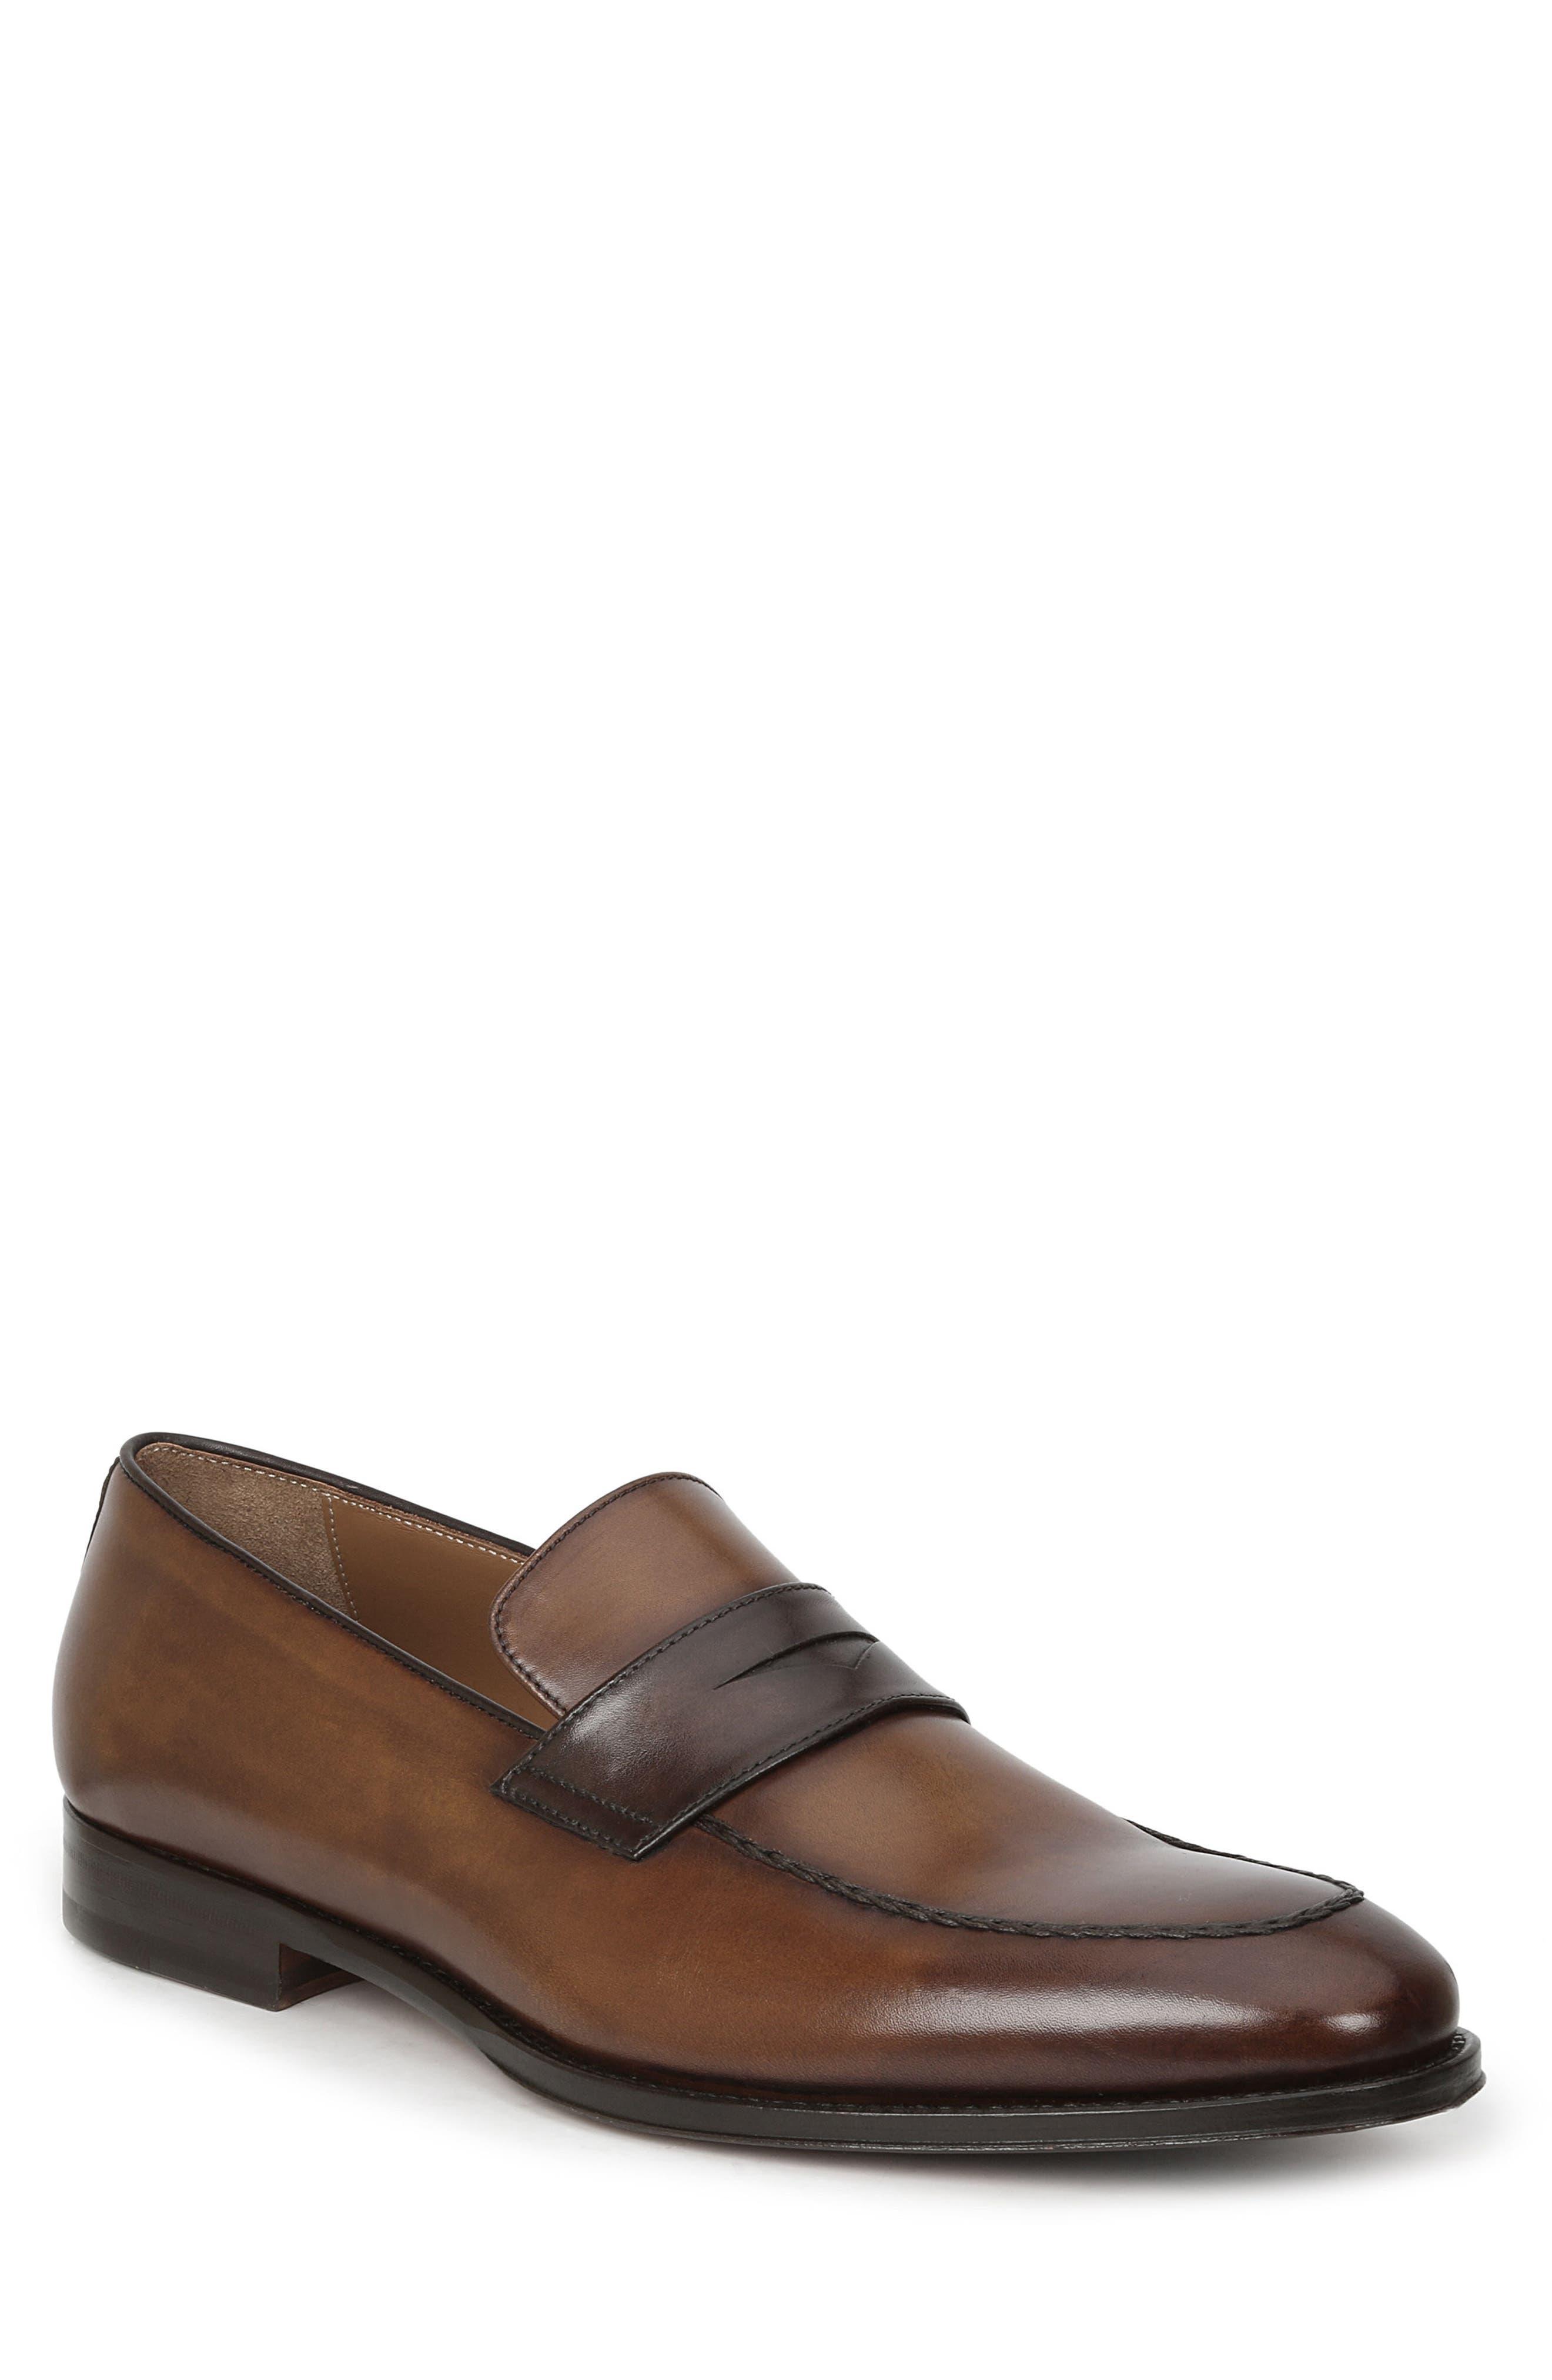 967f66d84e1 Men s Bruno Magli Shoes